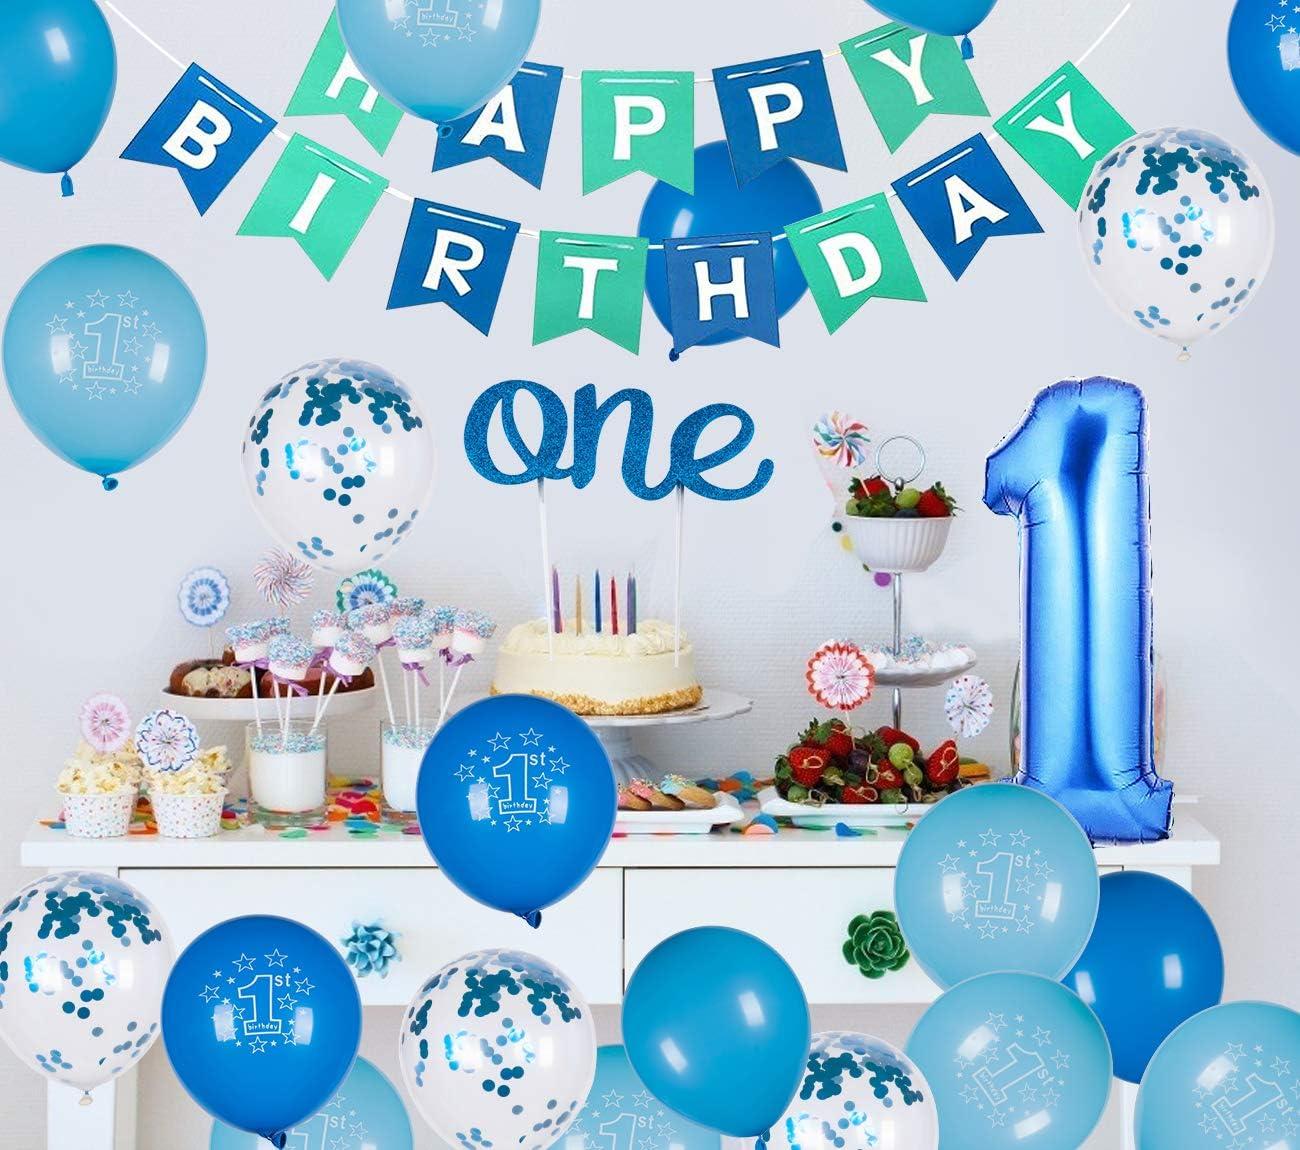 Mogoi Party 1st Birthday Boy Dekorationsset Hochstuhl Dekoration Nr 1 Kronenhut Happy Birthday Banner Geburtstagsparty Zubehor Amazon De Spielzeug